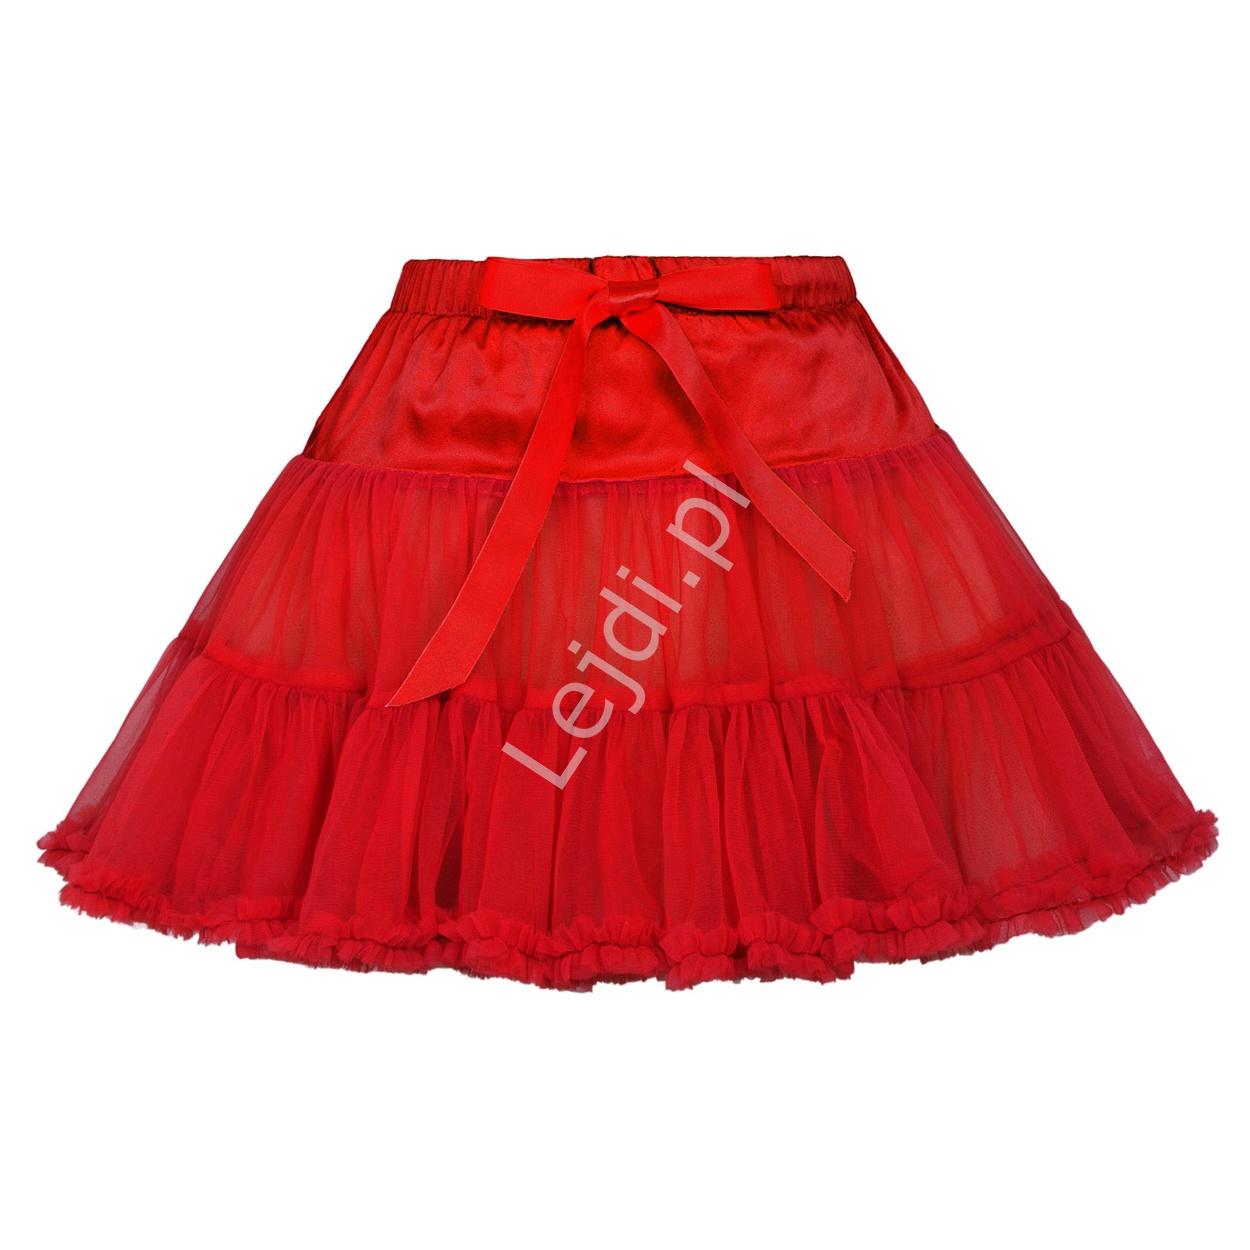 Czerwona halka dziecięca, spódnica tutu skirt | czerwone spódniczki, halka dla dziewczynki - Lejdi